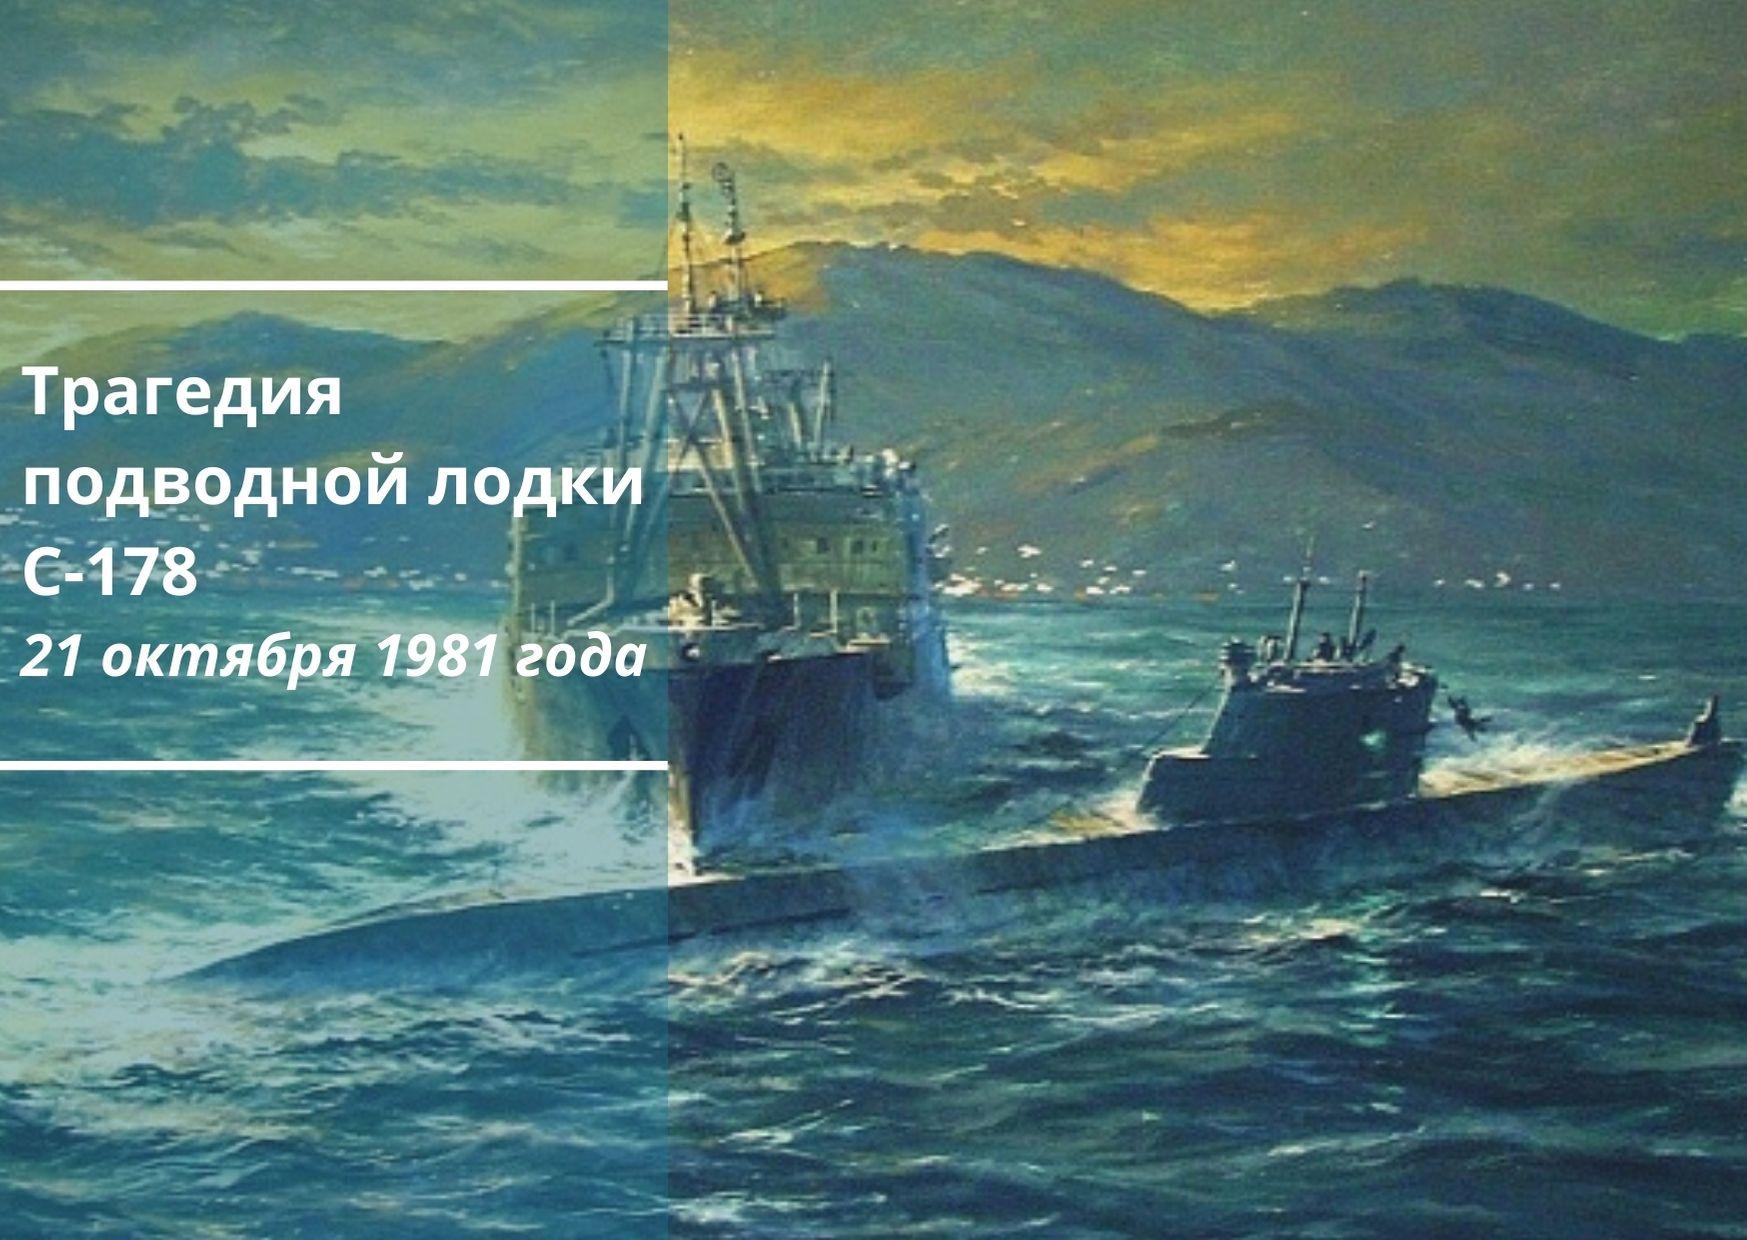 Трагедия подводной лодки С-178 (21 октября 1981 года)